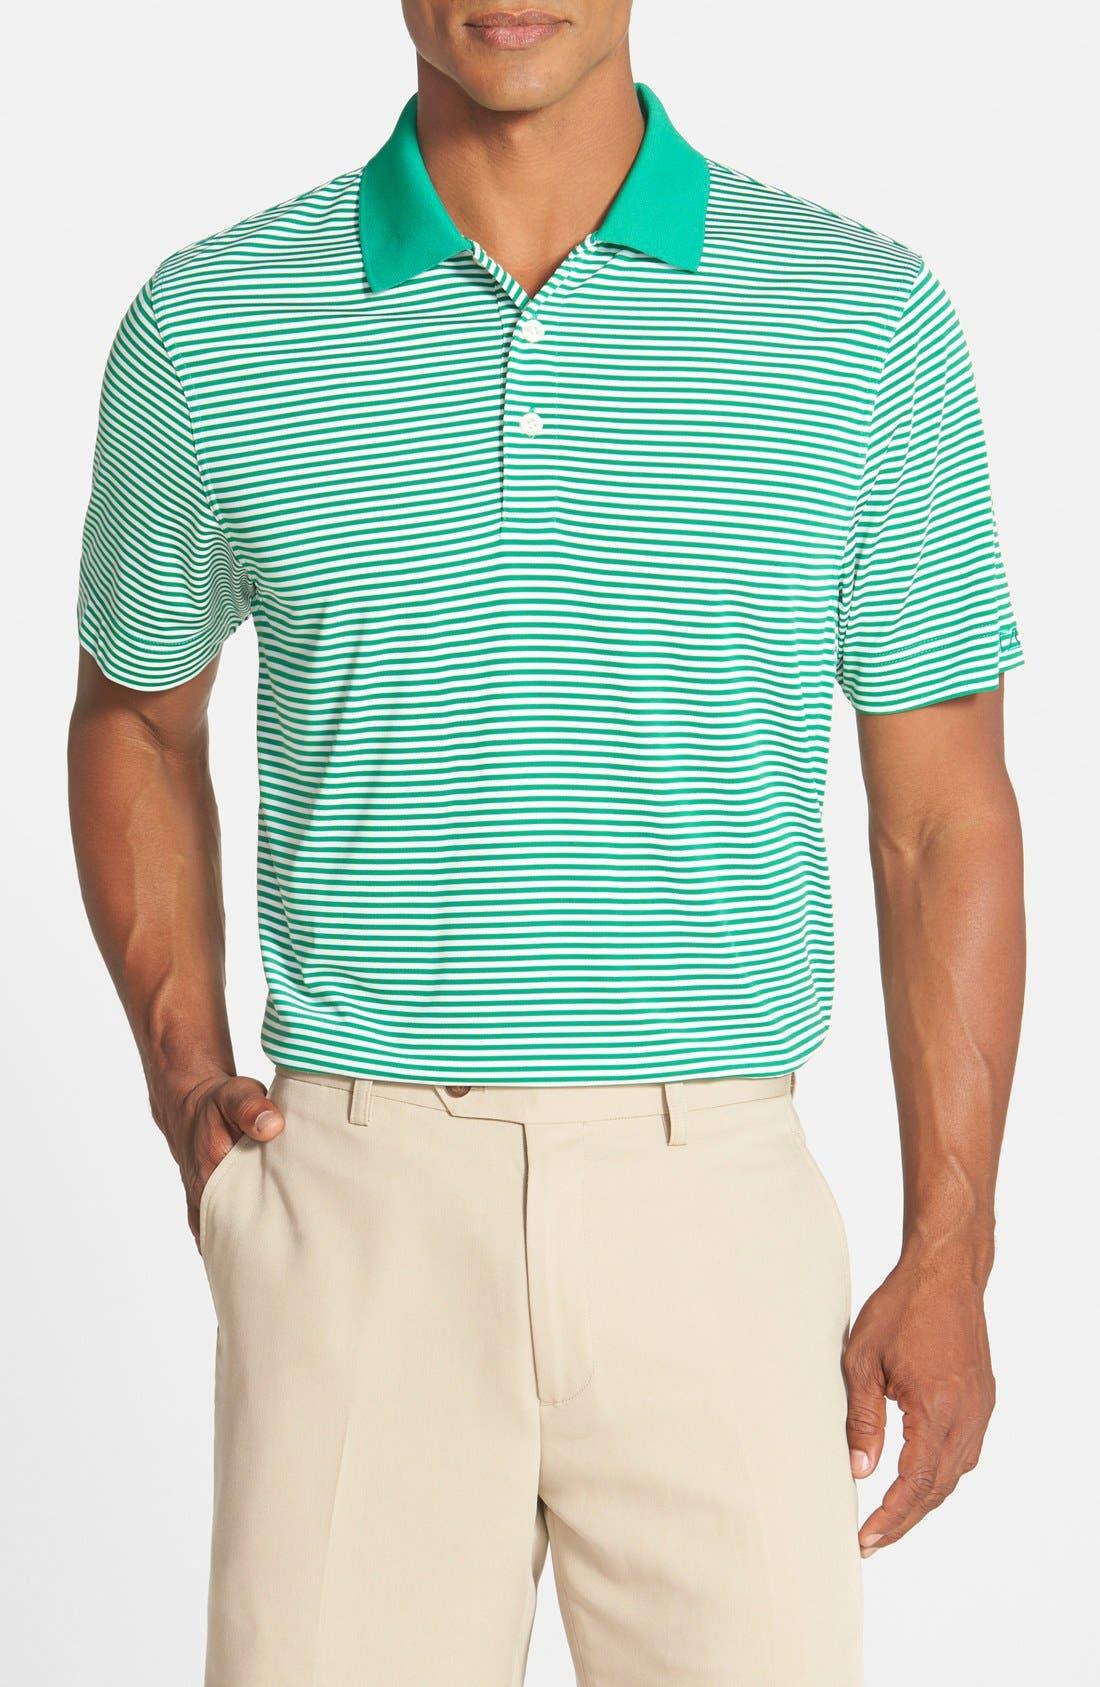 Alternate Image 1 Selected - Cutter & Buck Trevor DryTec Moisture Wicking Golf Polo